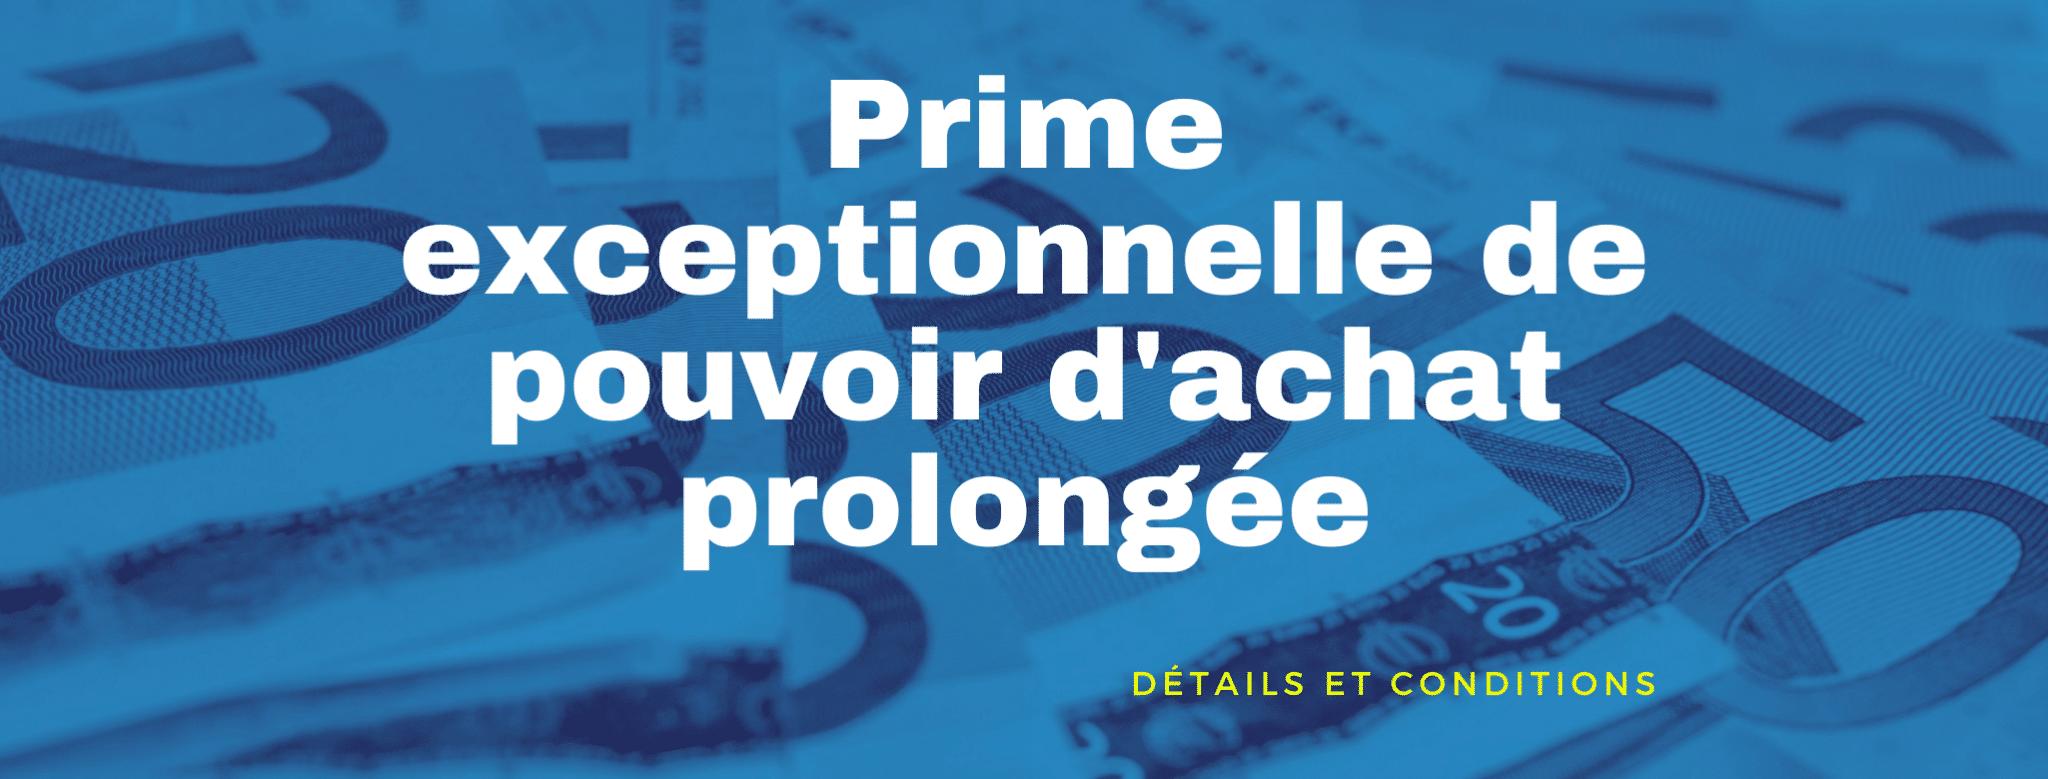 Prime exceptionnelle de pouvoir d'achat exonérée d'IR : prolongation jusqu'au 31 décembre